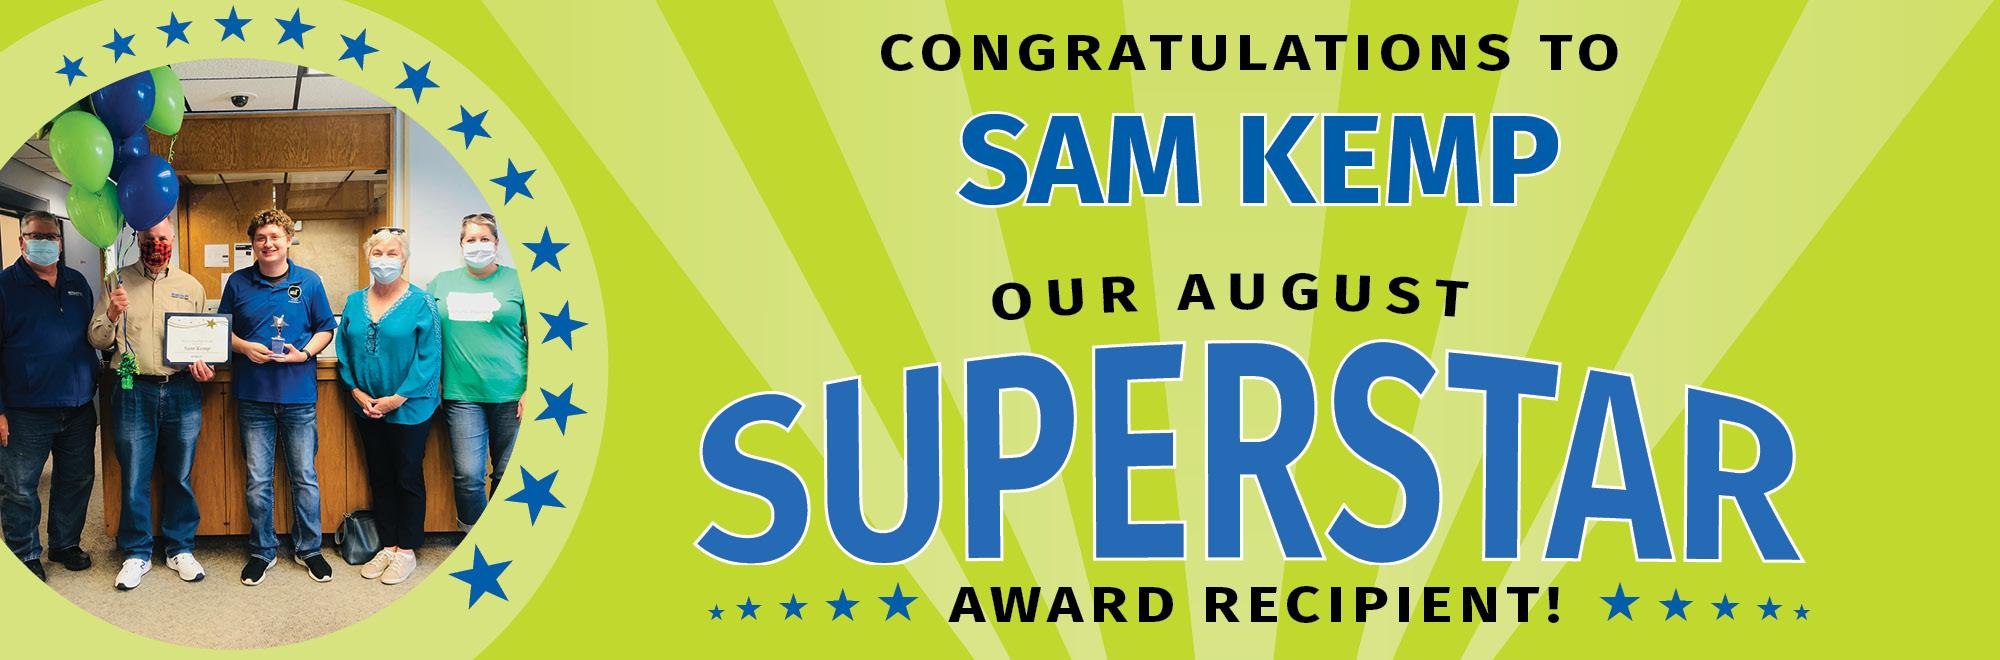 Congratulations to Sam Kemp, our August Superstar award recipient!